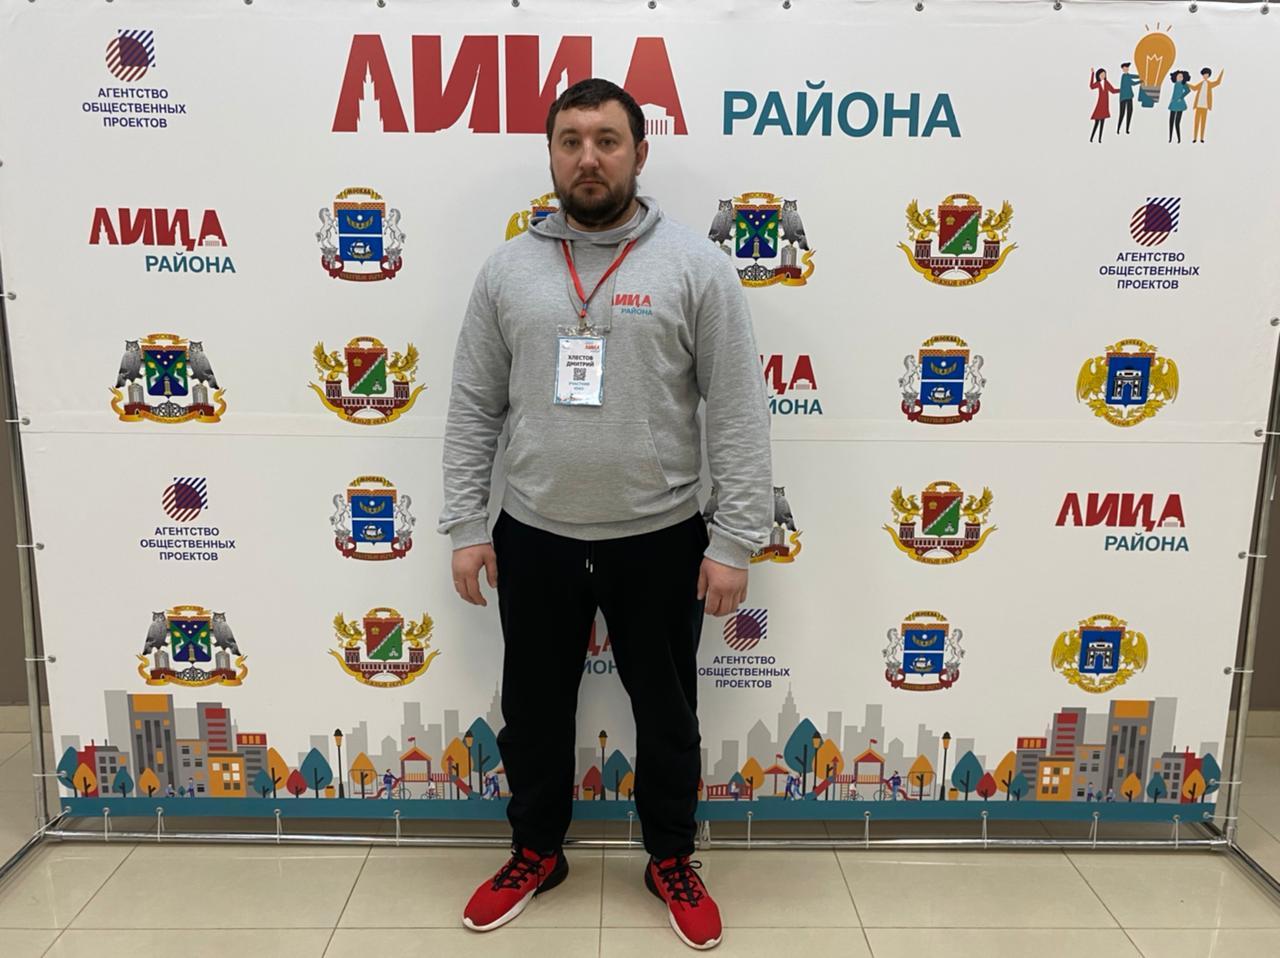 Дмитрий Хлестов посетил семинары проекта «Лица района»